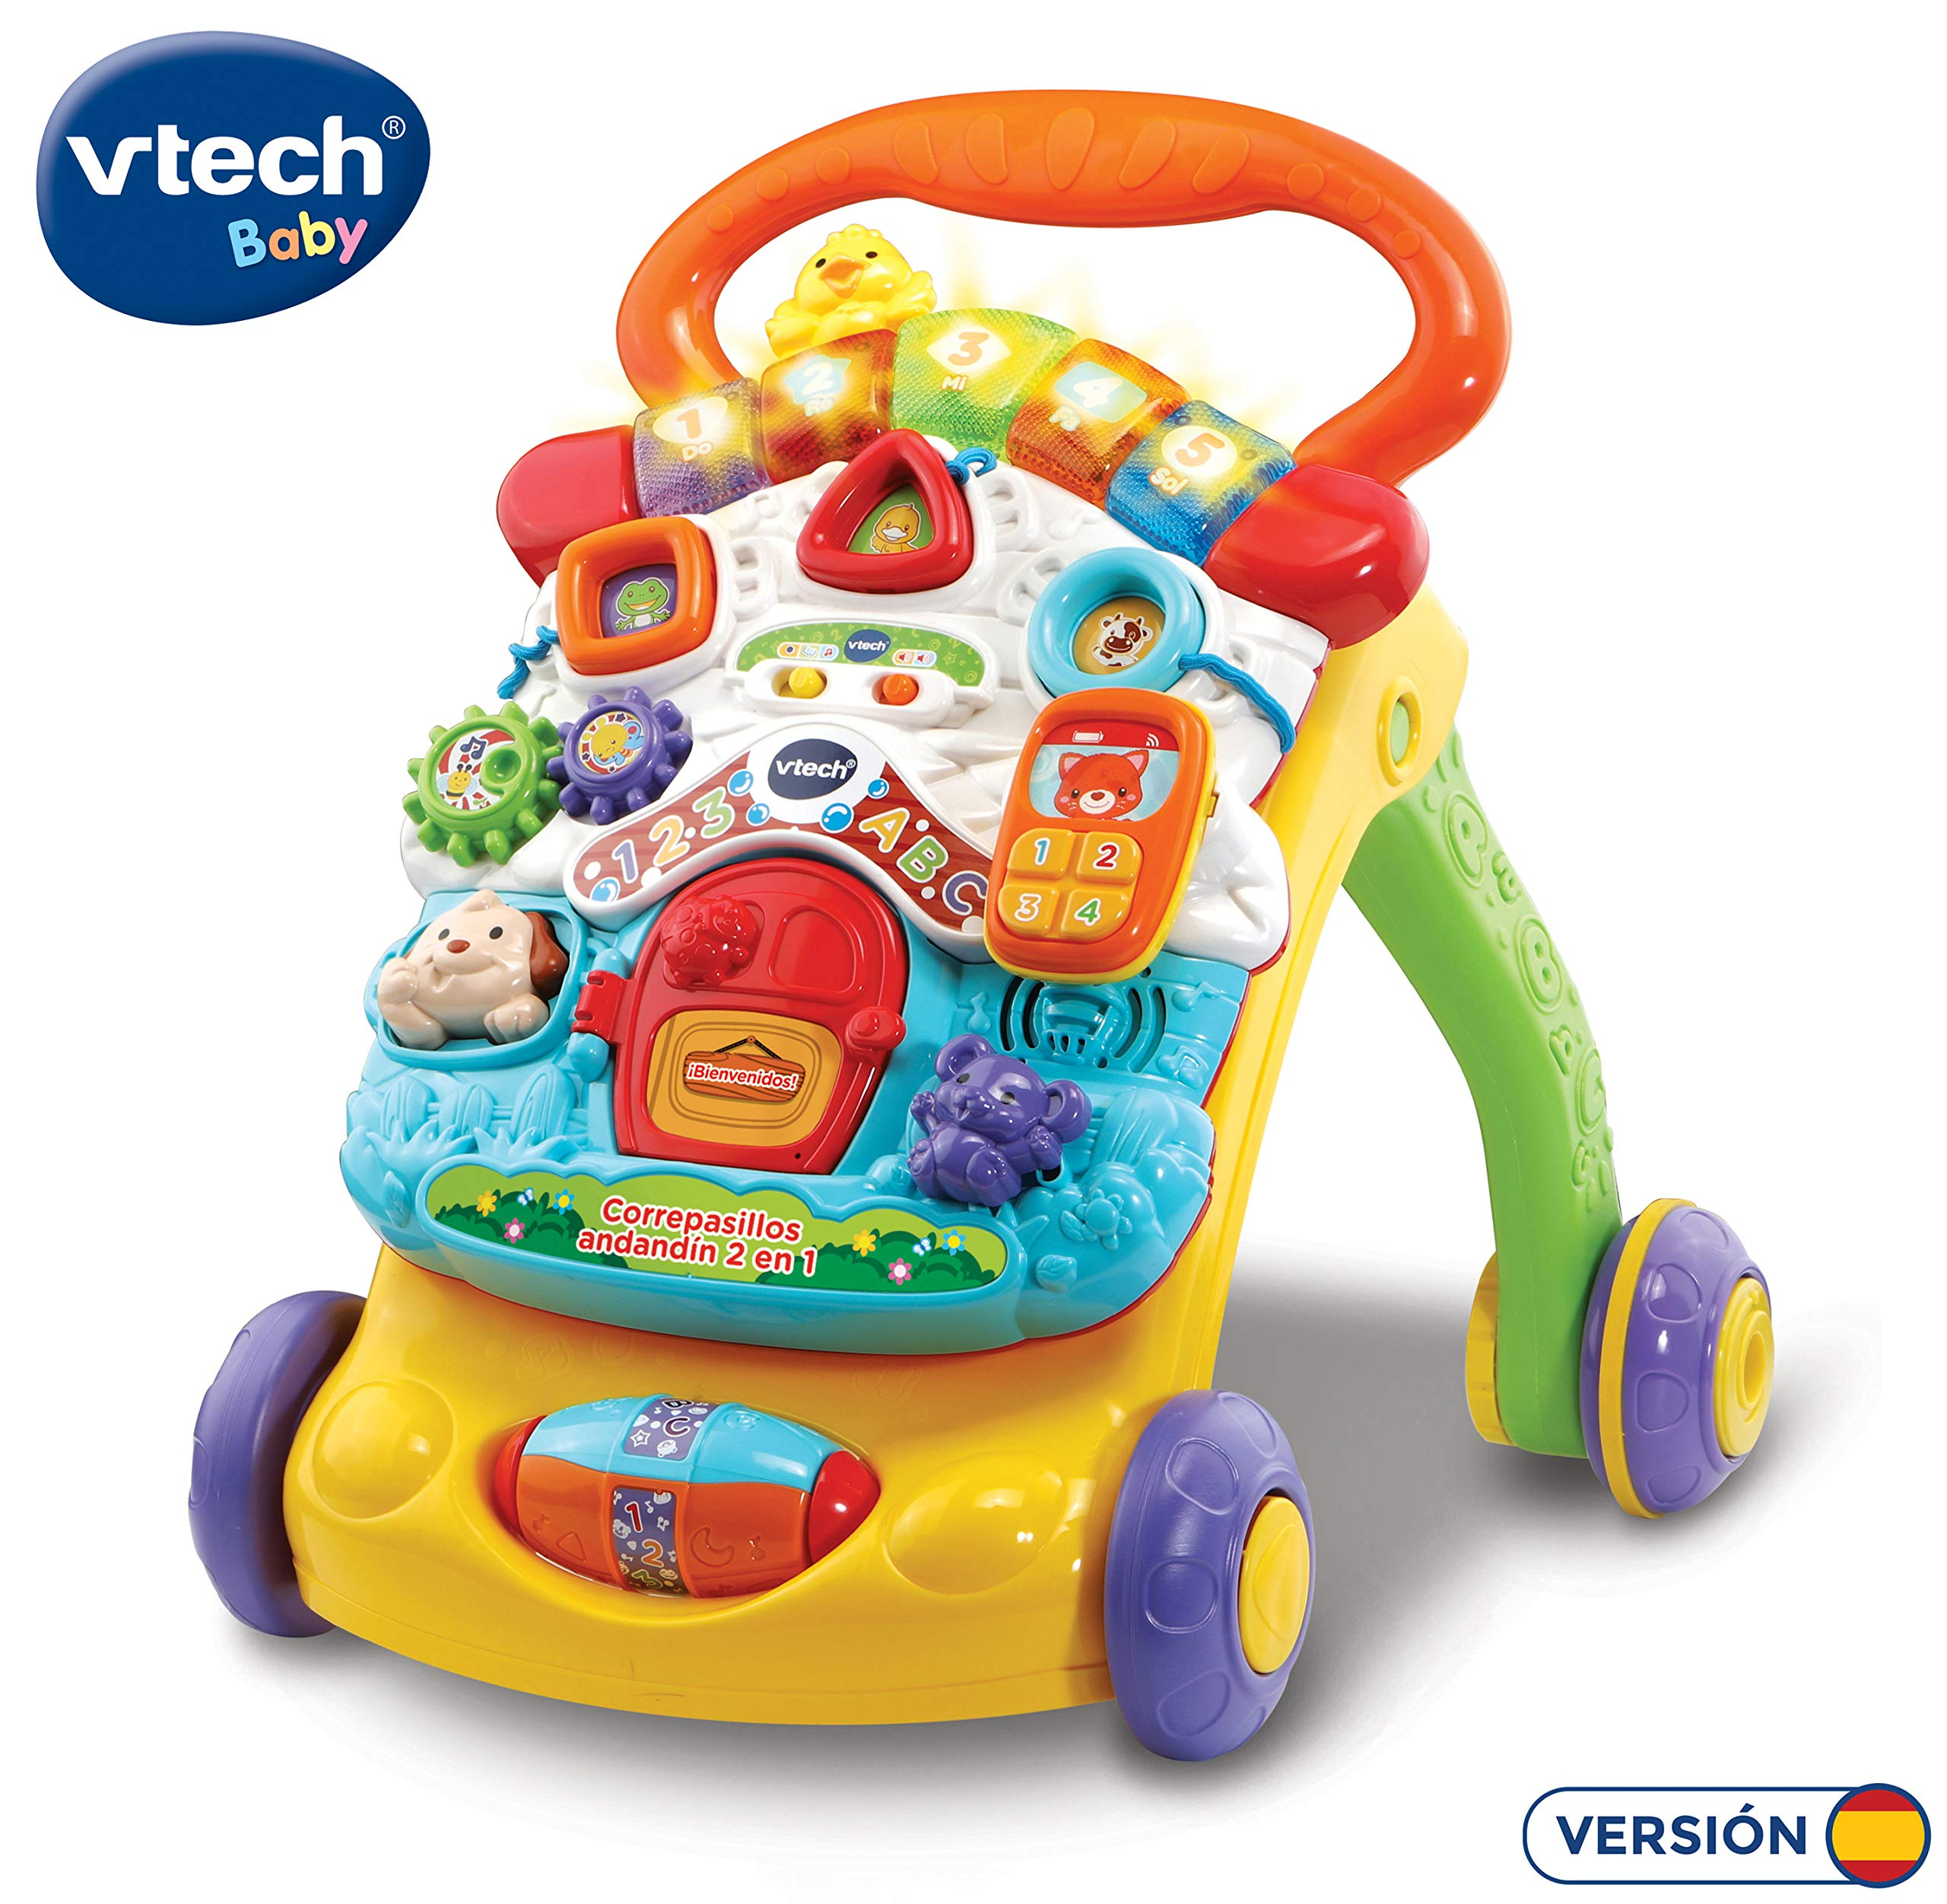 VTech-Correpasillos-Andandn-2-en-1-Diseo-Mejorado-Andador-Beb-InTeractivo-Plegable-y-Regulador-de-Velocidad-Multicolor-80-505622